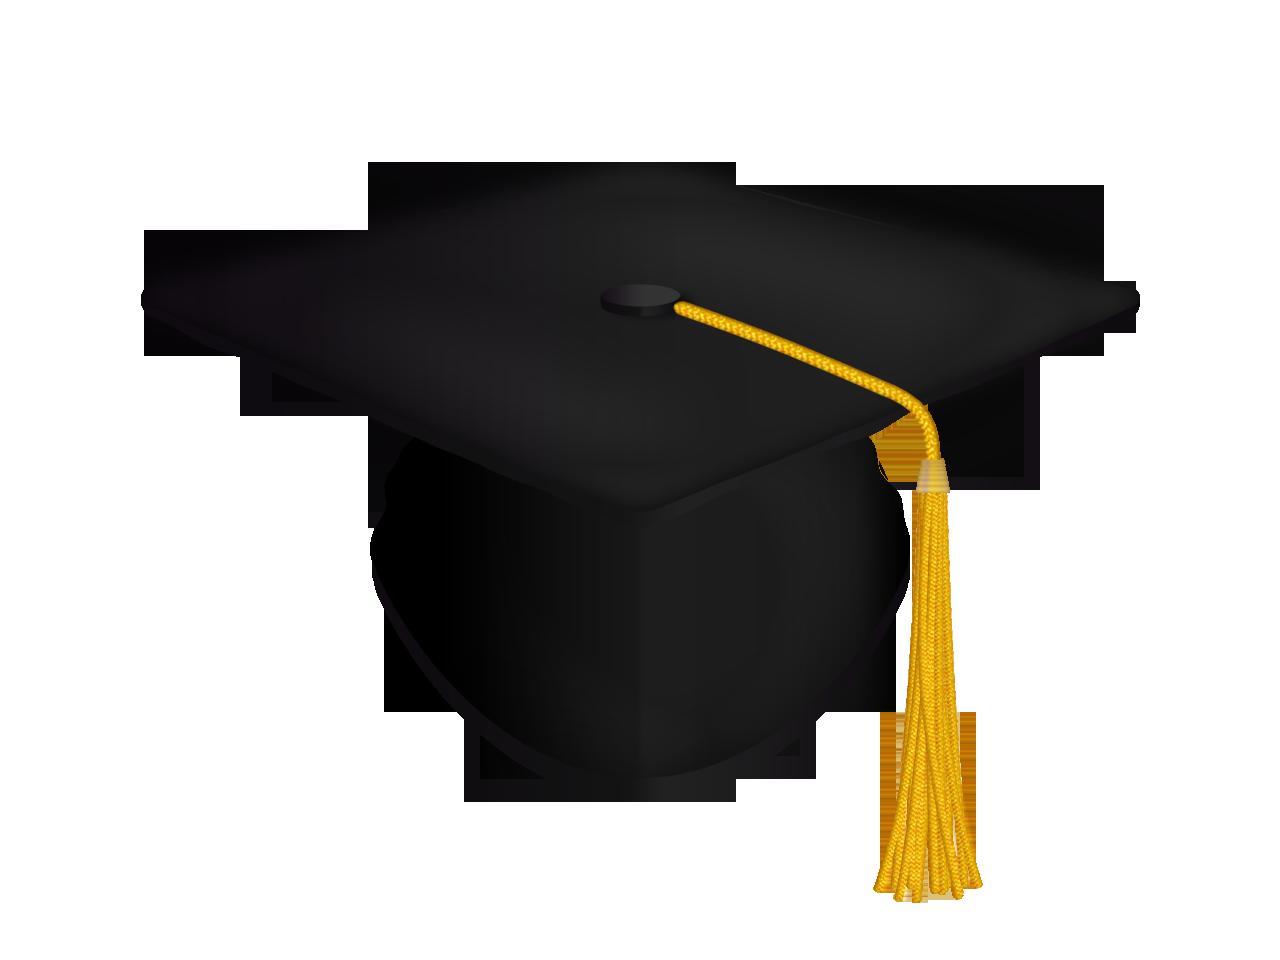 Diploma clipart graduation hat. Ceremony cap clip art